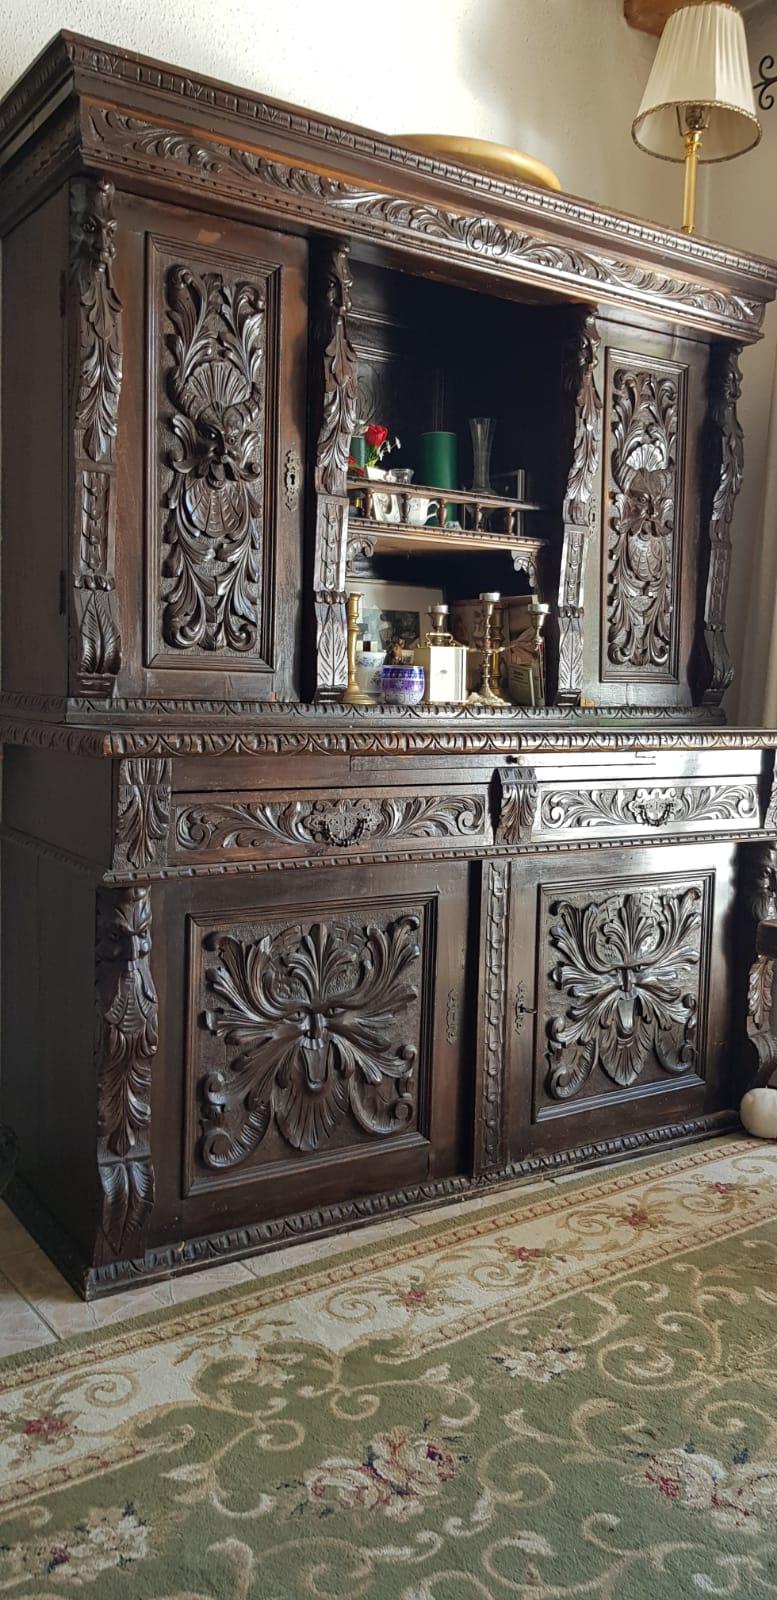 Antike Möbel aus Historismus oder Gründerzeit